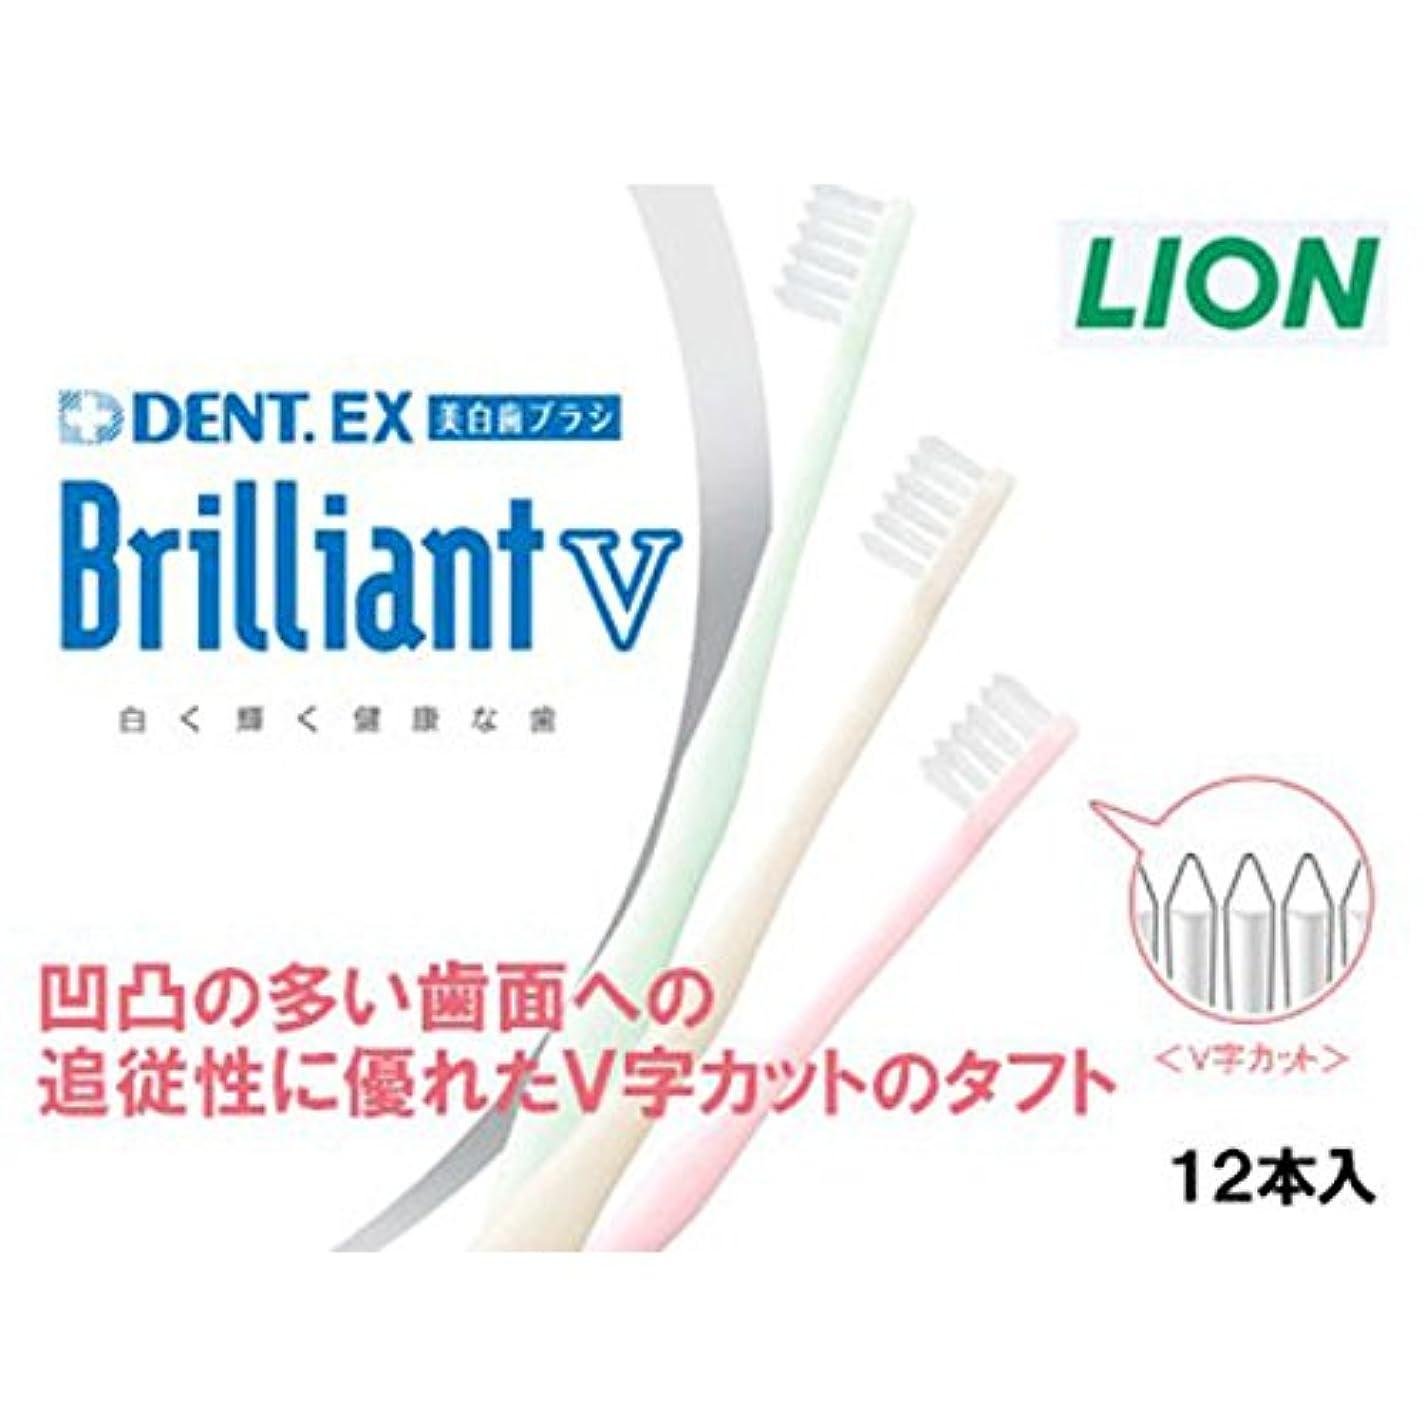 うねる補助金バリケードライオン ブリリアントV 歯ブラシ DENT.EX BrilliantV 12本